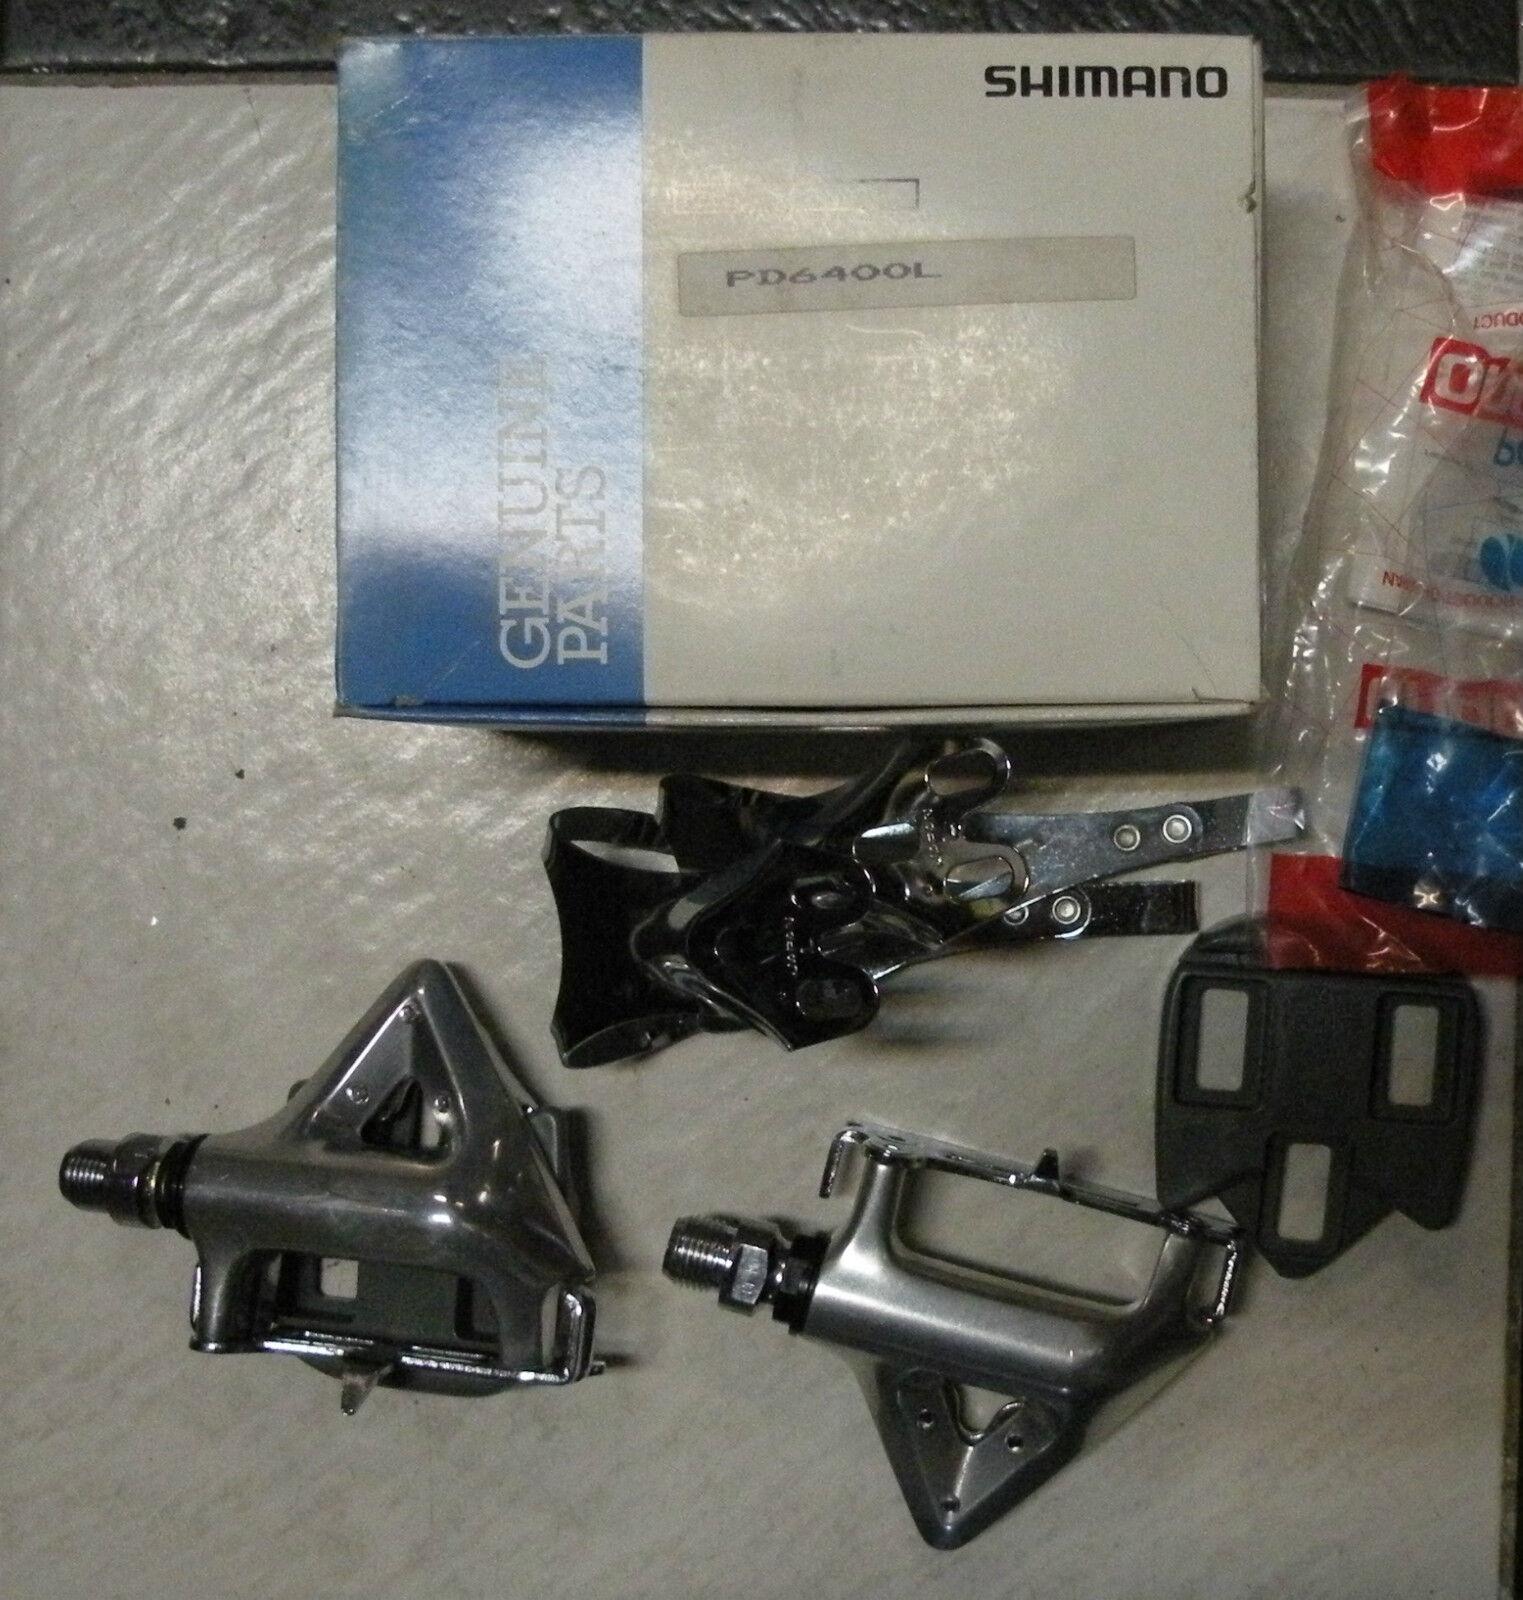 Pedali bici corsa Shimano Ultegra 600 PD-6400 L Toe clips road bike pedals new